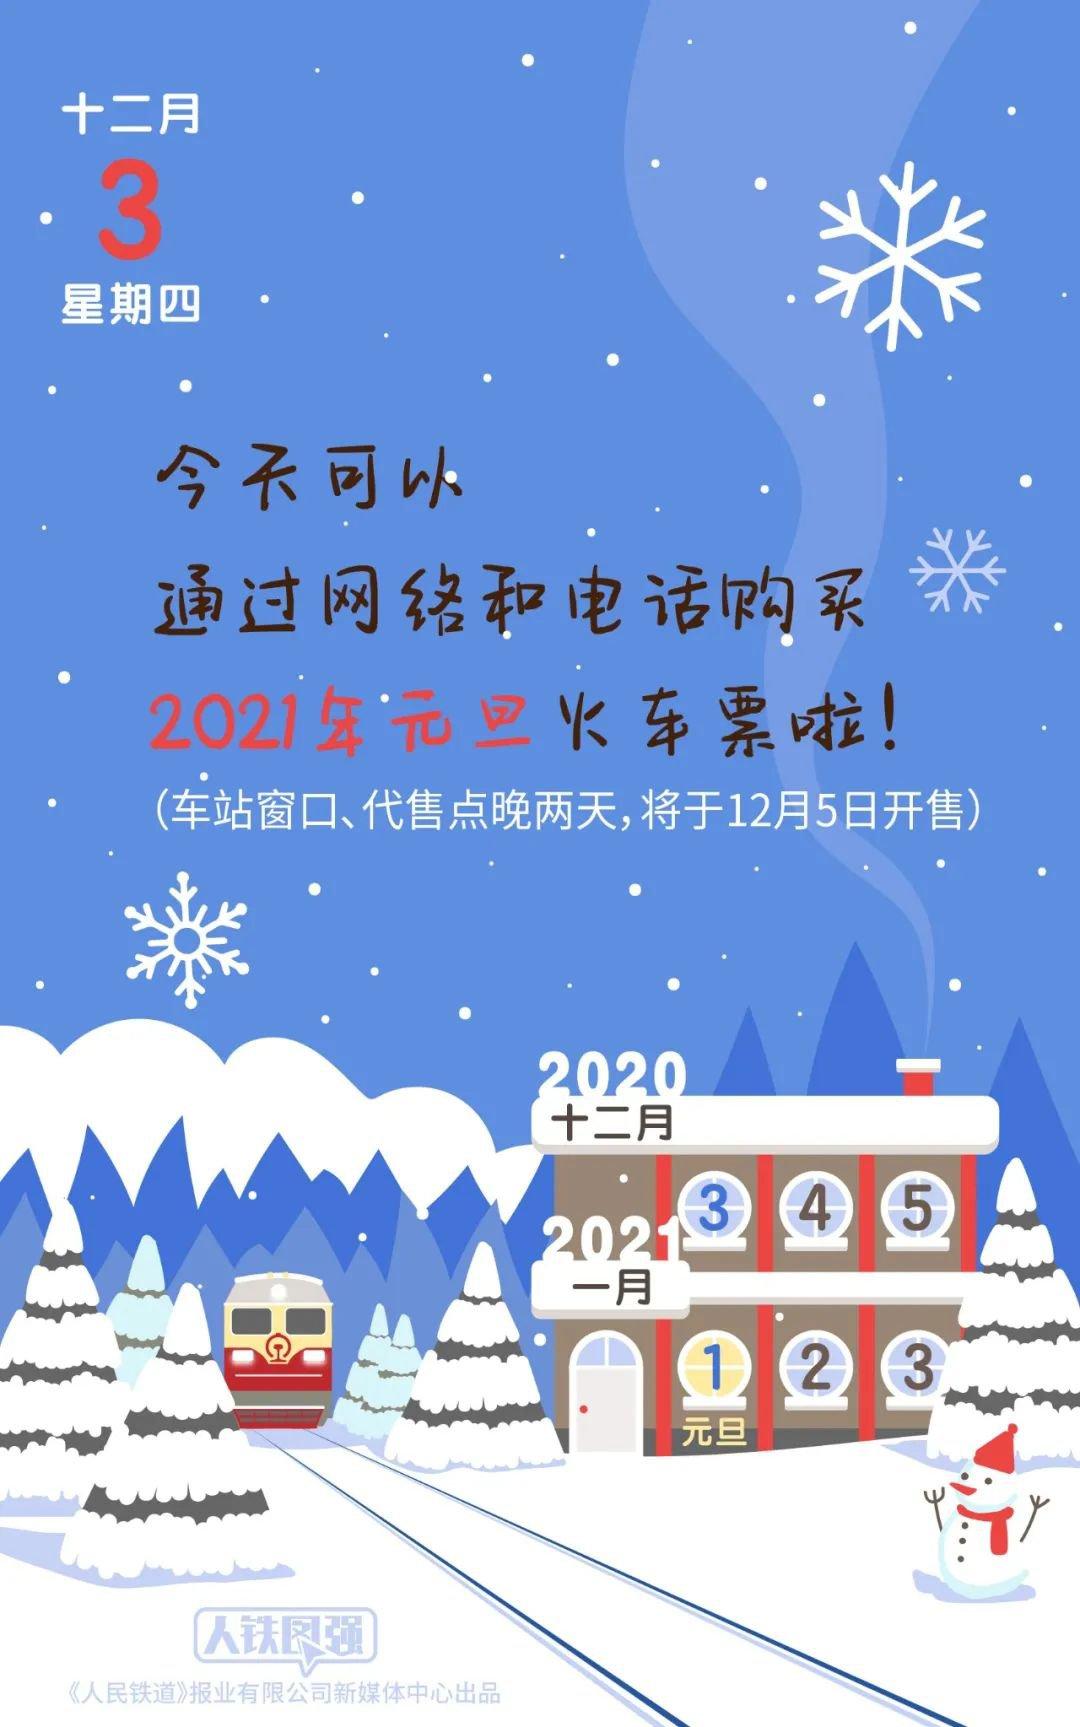 2021元旦火車票12月3日起開售(附購票途徑)